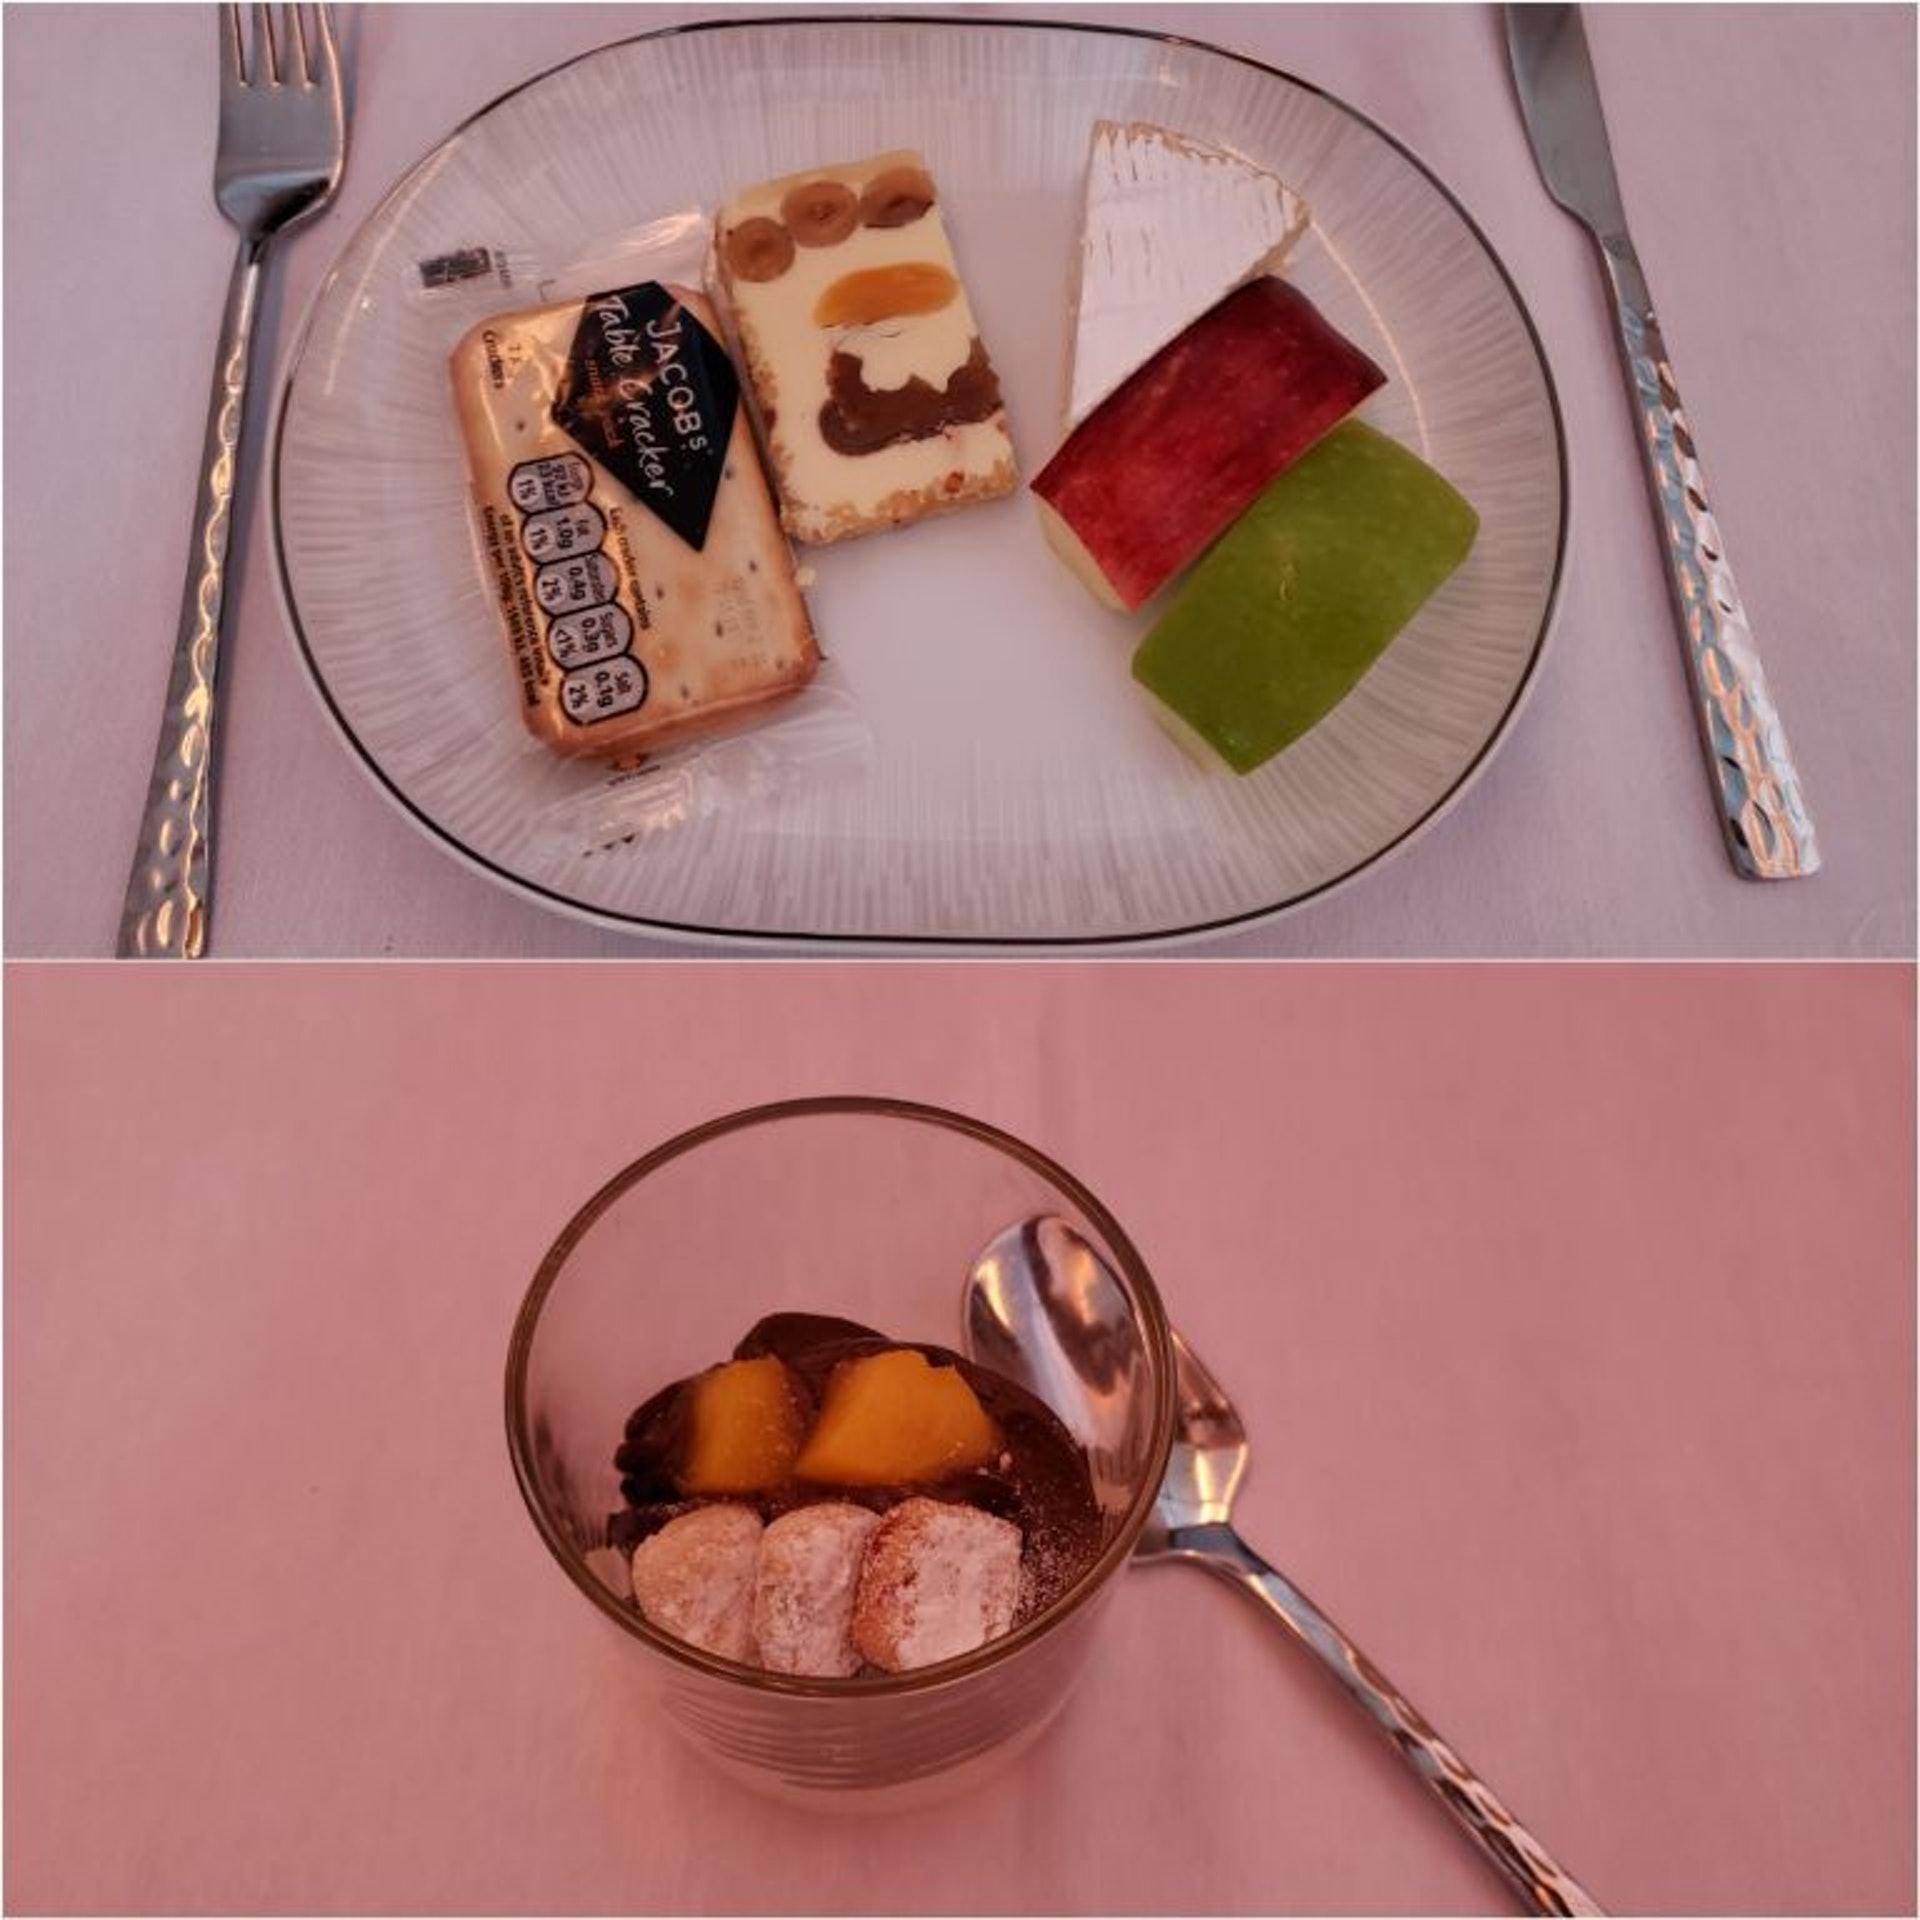 飯後的甜點(上圖為蛋糕,起司與水果,下圖為巧克力慕斯)(TripPlus授權使用)